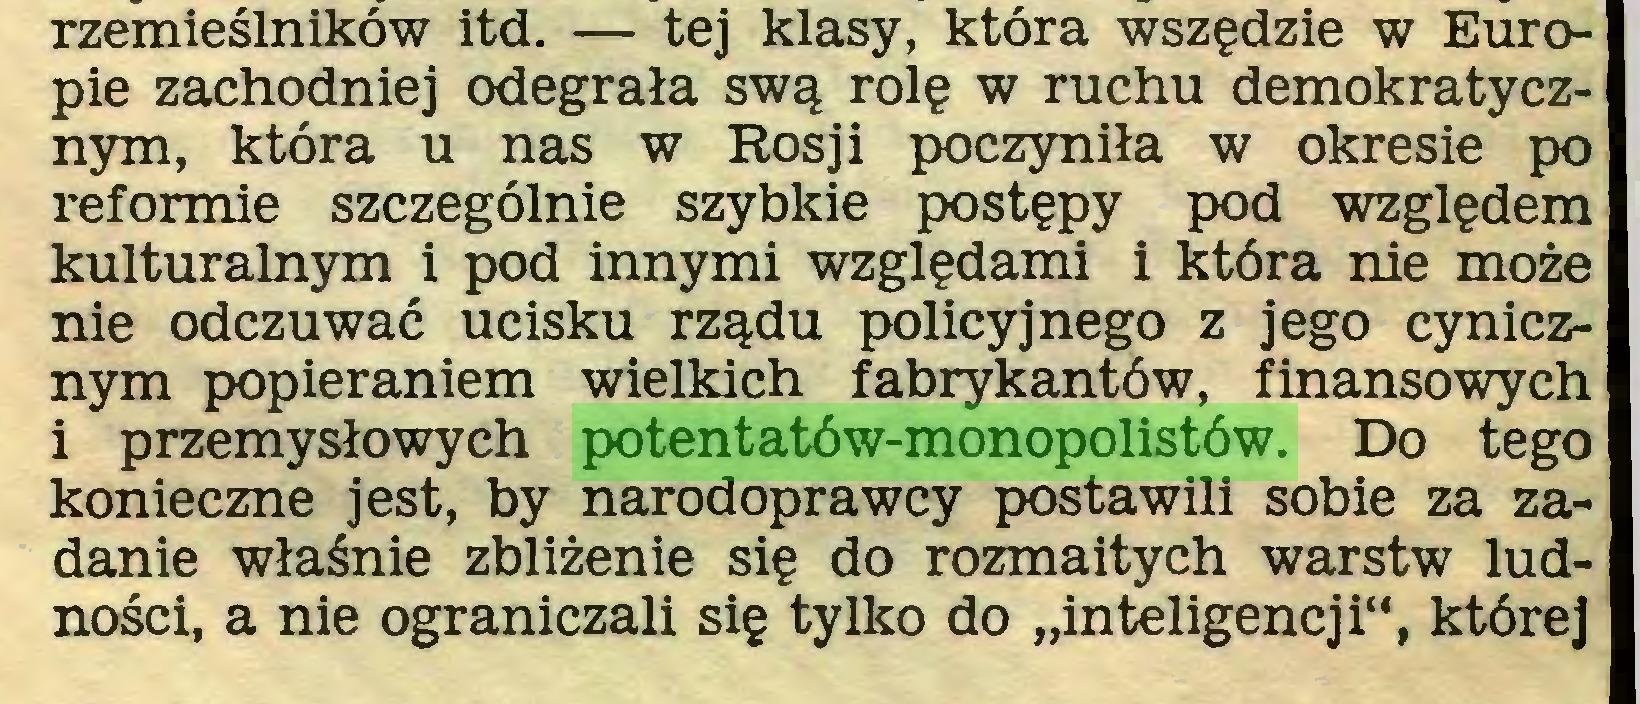 """(...) rzemieślników itd. — tej klasy, która wszędzie w Europie zachodniej odegrała swą rolę w ruchu demokratycznym, która u nas w Rosji poczyniła w okresie po reformie szczególnie szybkie postępy pod względem kulturalnym i pod innymi względami i która nie może nie odczuwać ucisku rządu policyjnego z jego cynicznym popieraniem wielkich fabrykantów, finansowych i przemysłowych potentatów-monopolistów. Do tego konieczne jest, by narodoprawcy postawili sobie za zadanie właśnie zbliżenie się do rozmaitych warstw ludności, a nie ograniczali się tylko do """"inteligencji"""", której..."""